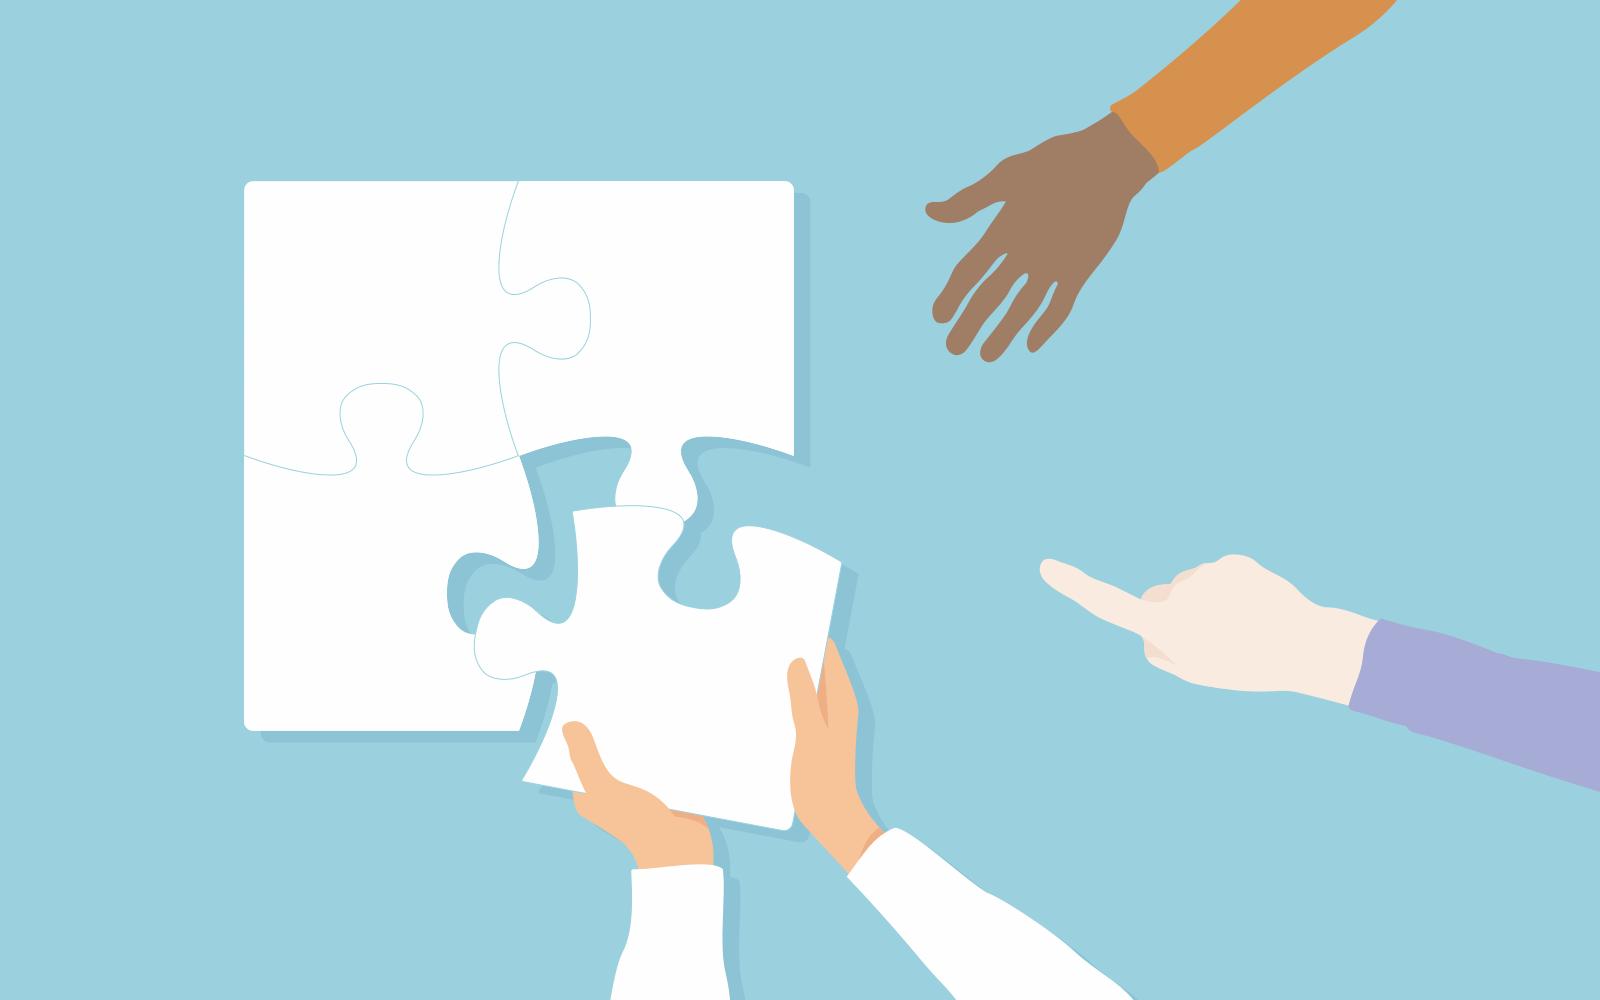 部署や部門をまたいだ「統合サービス開発プロジェクト」のチームビルディング支援